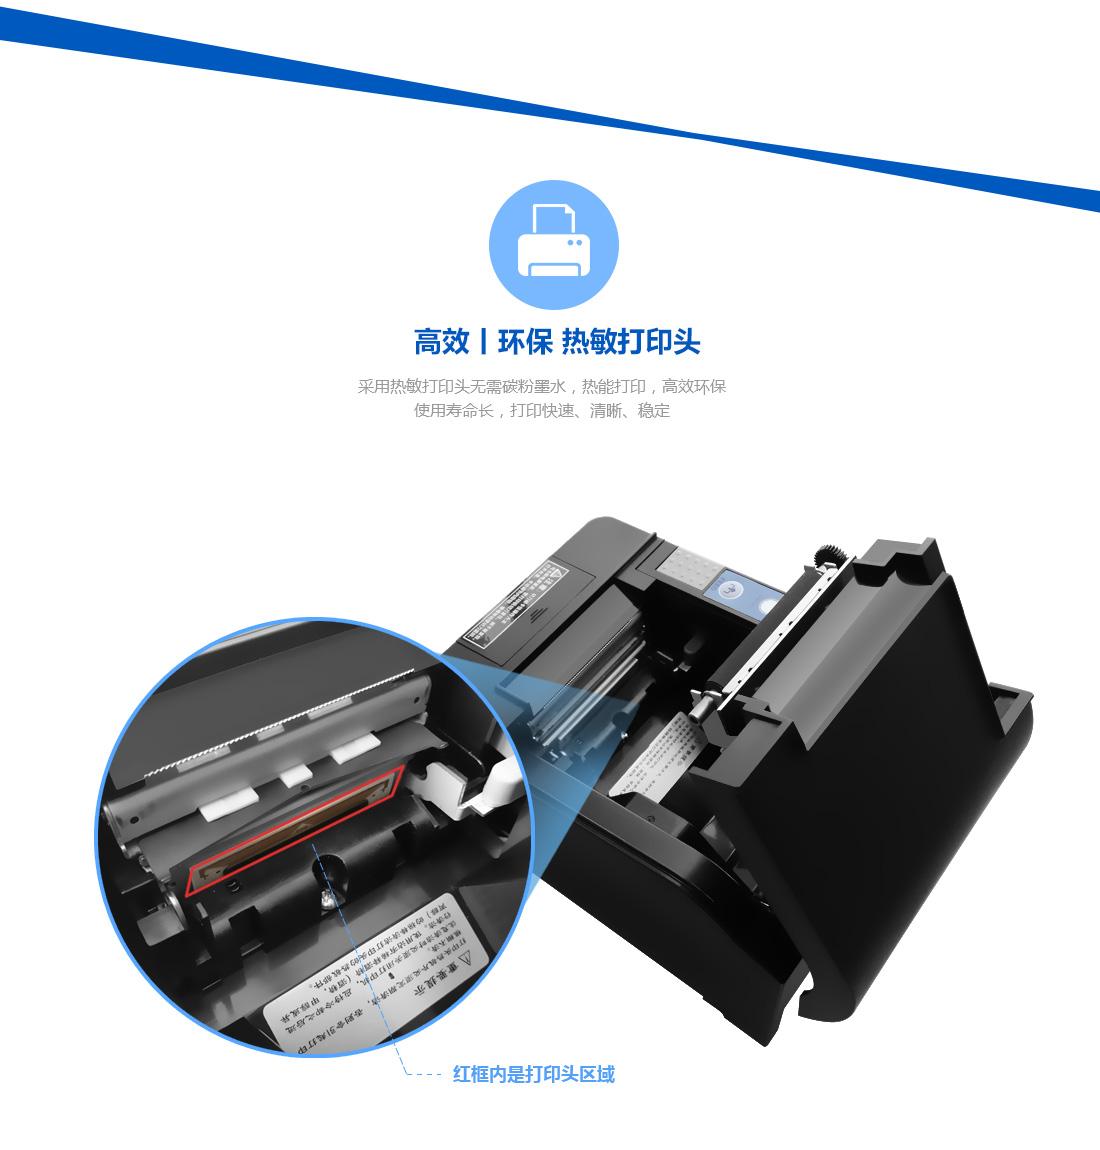 外卖接单打印机-高效环保 热敏打印头